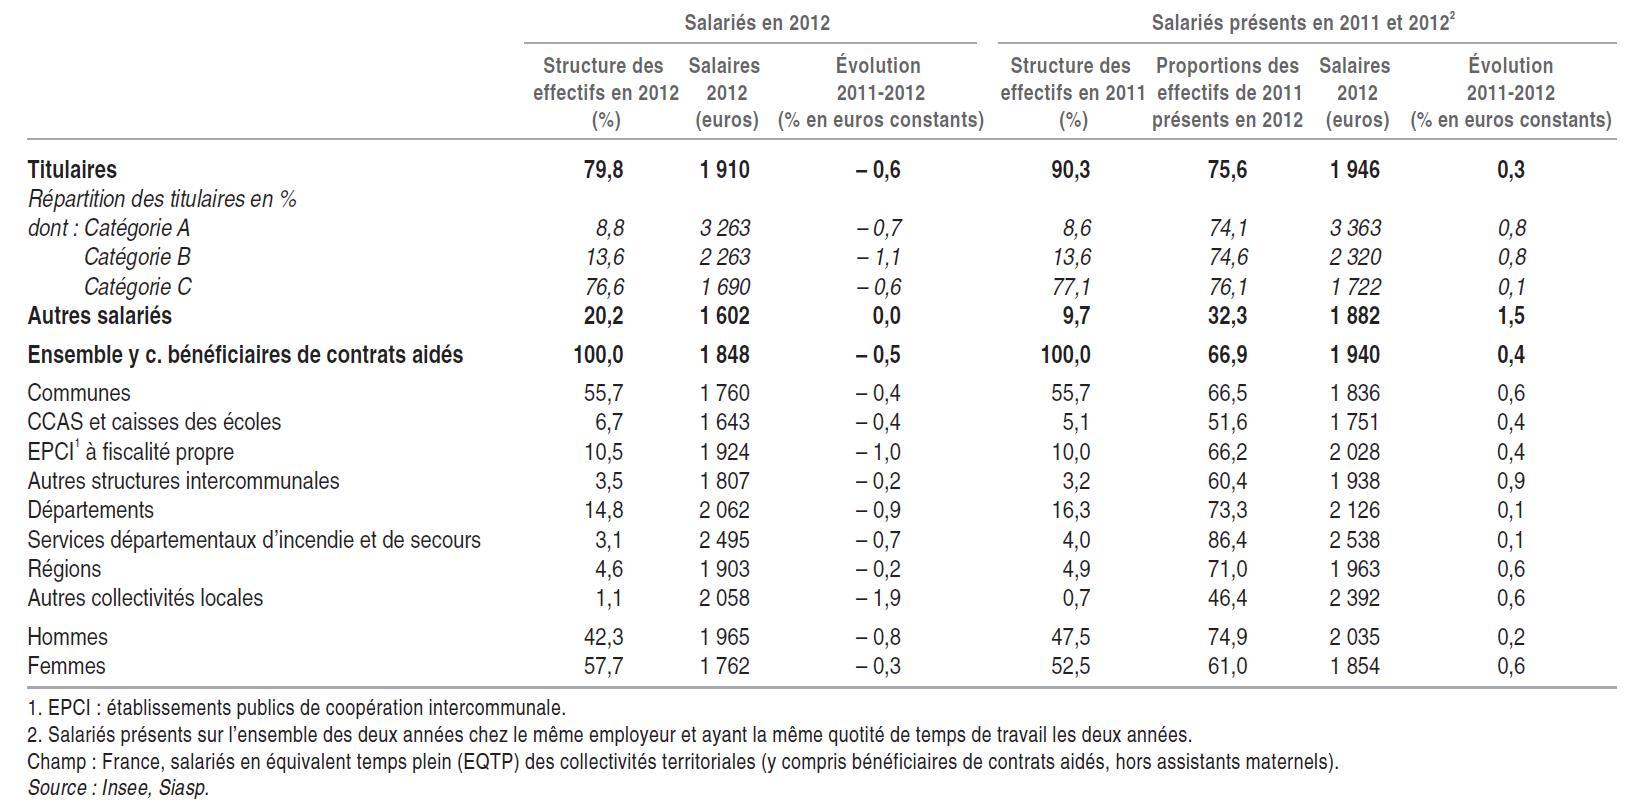 Structure des effectifs et évolution des salaires nets mensuels moyens en EQTP des salariés en 2012 et des salariés présents en 2011 et 2012